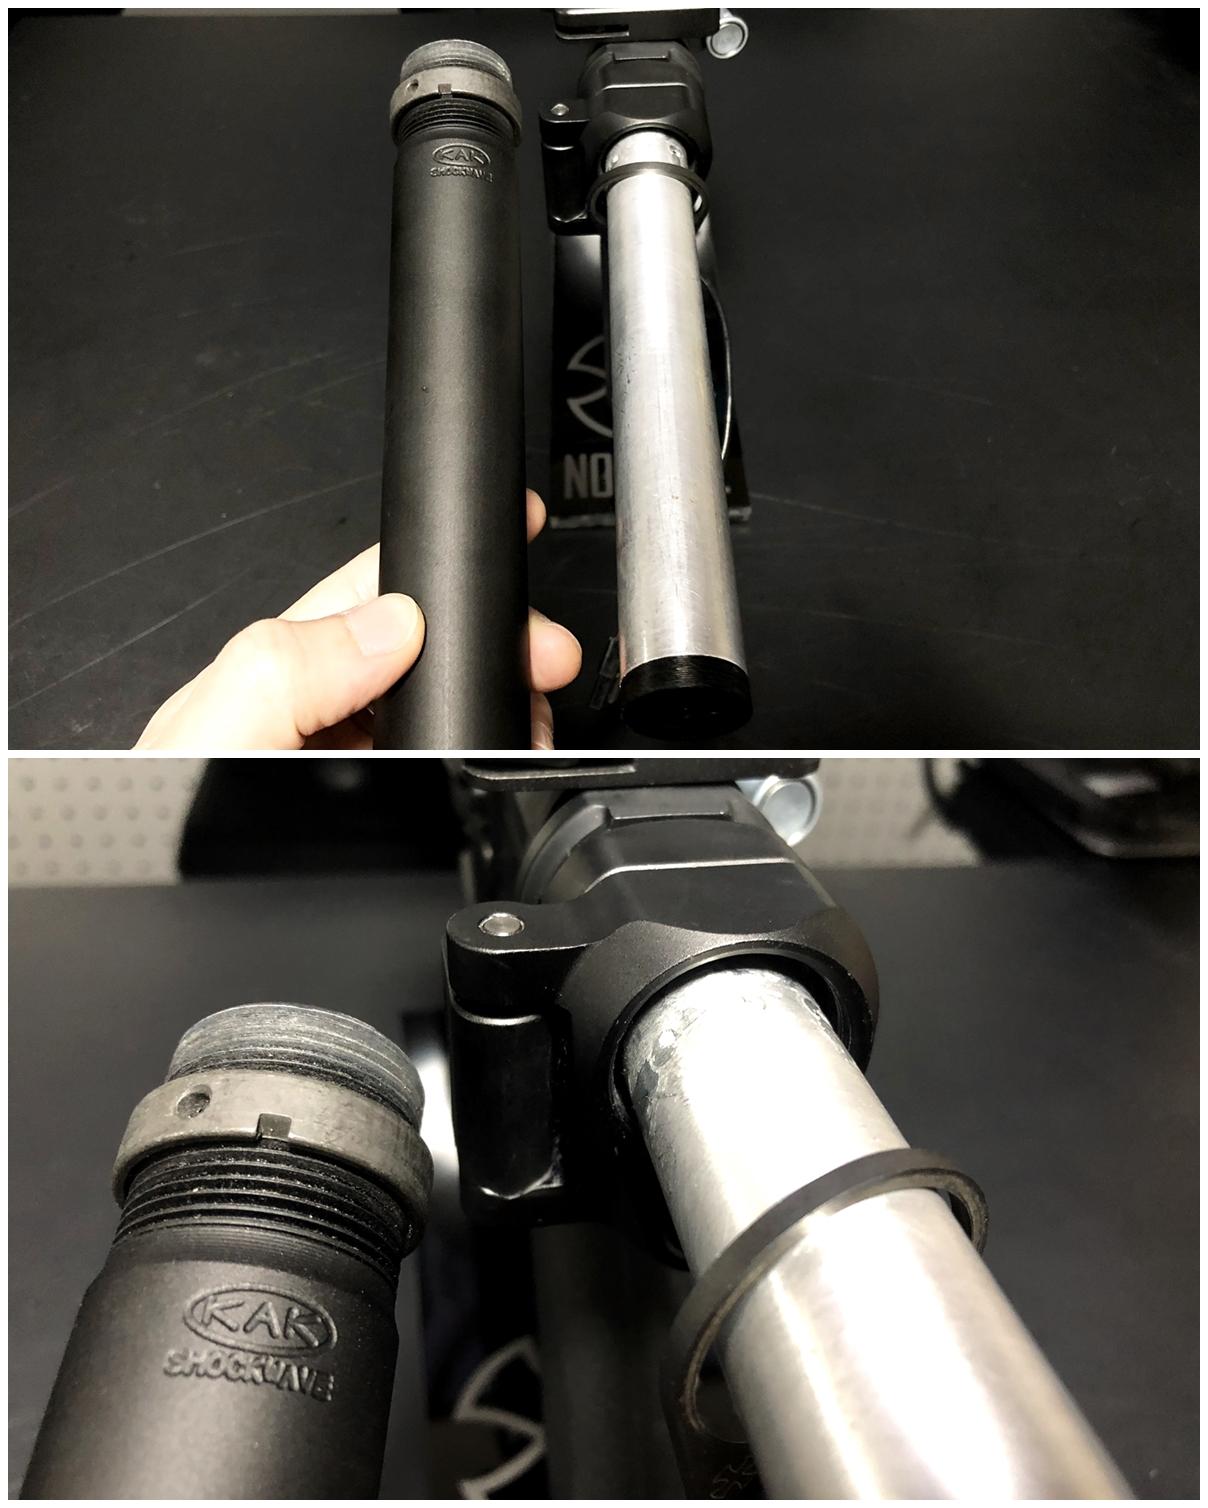 28 次世代 M4 CQB-R 電動ガン 実物 KAK SHOCKWAVE BLADE PISTOL AR-15 ストック 取付 改造 カスタム 大作戦 第7弾完結!! 最終 組み立て作業 & 初速 調整!! 実銃 ストックパイプ AR フォールディング 取付 リコイル